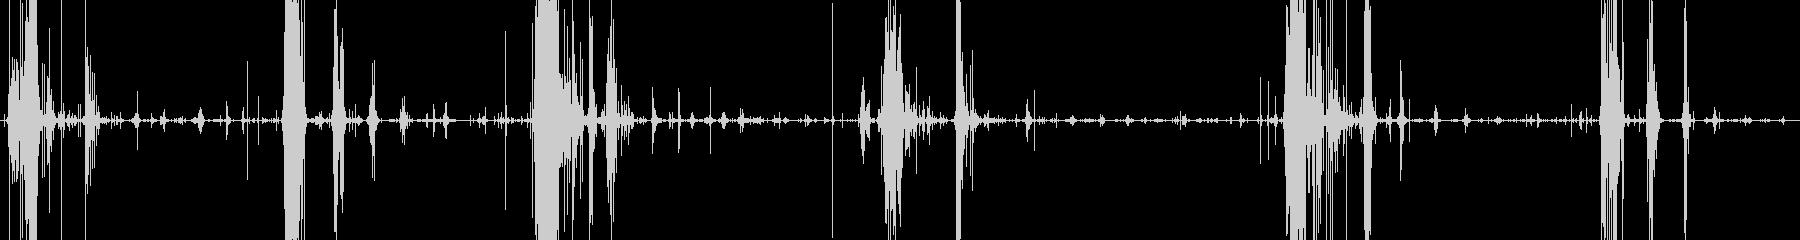 サクサクパイを食べる音の未再生の波形